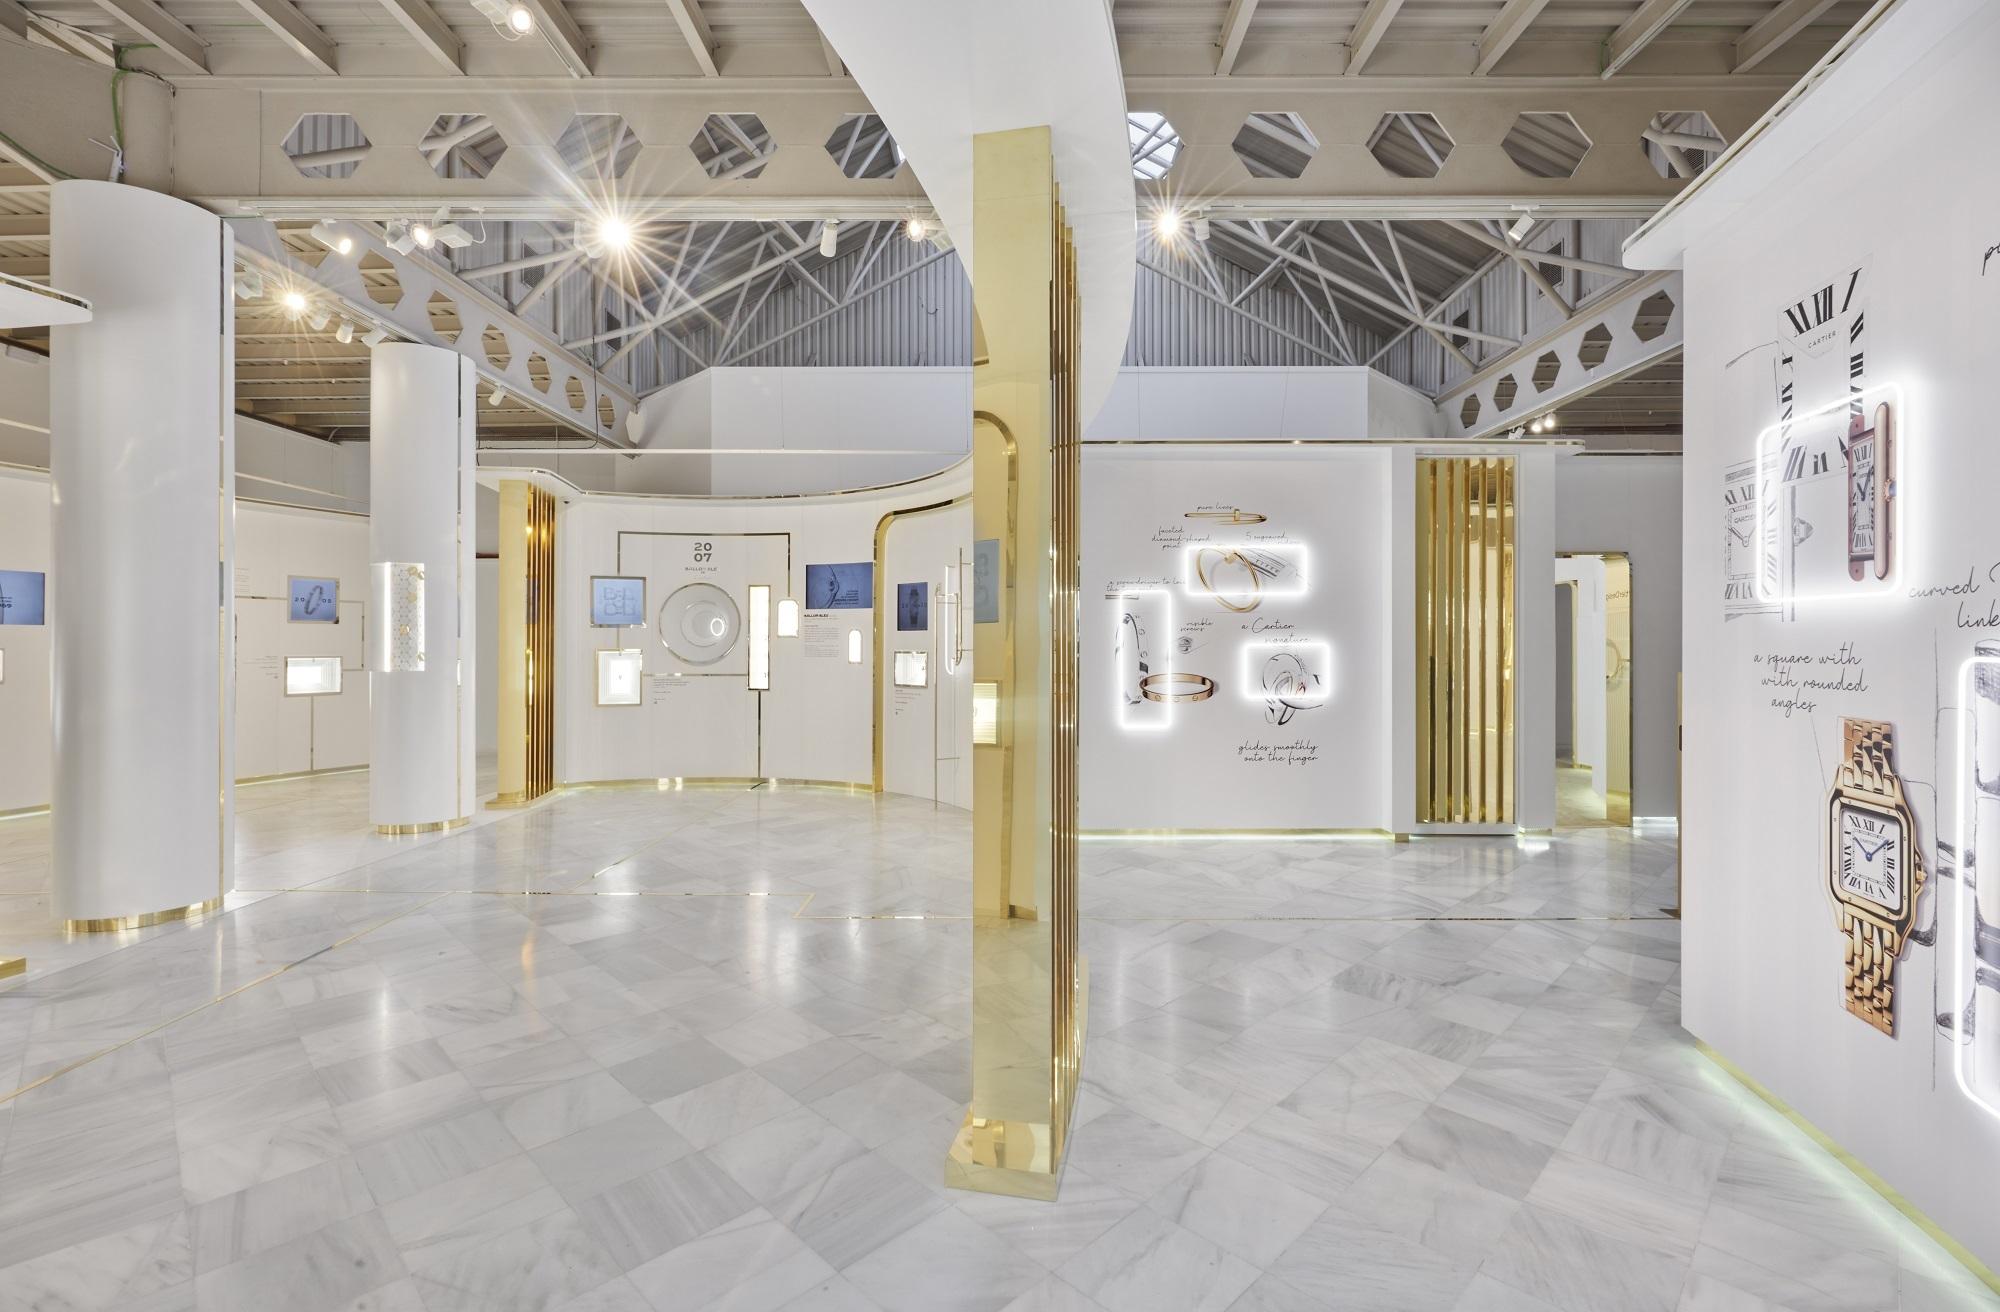 Uno de los espacios de la exposición de Cartier.